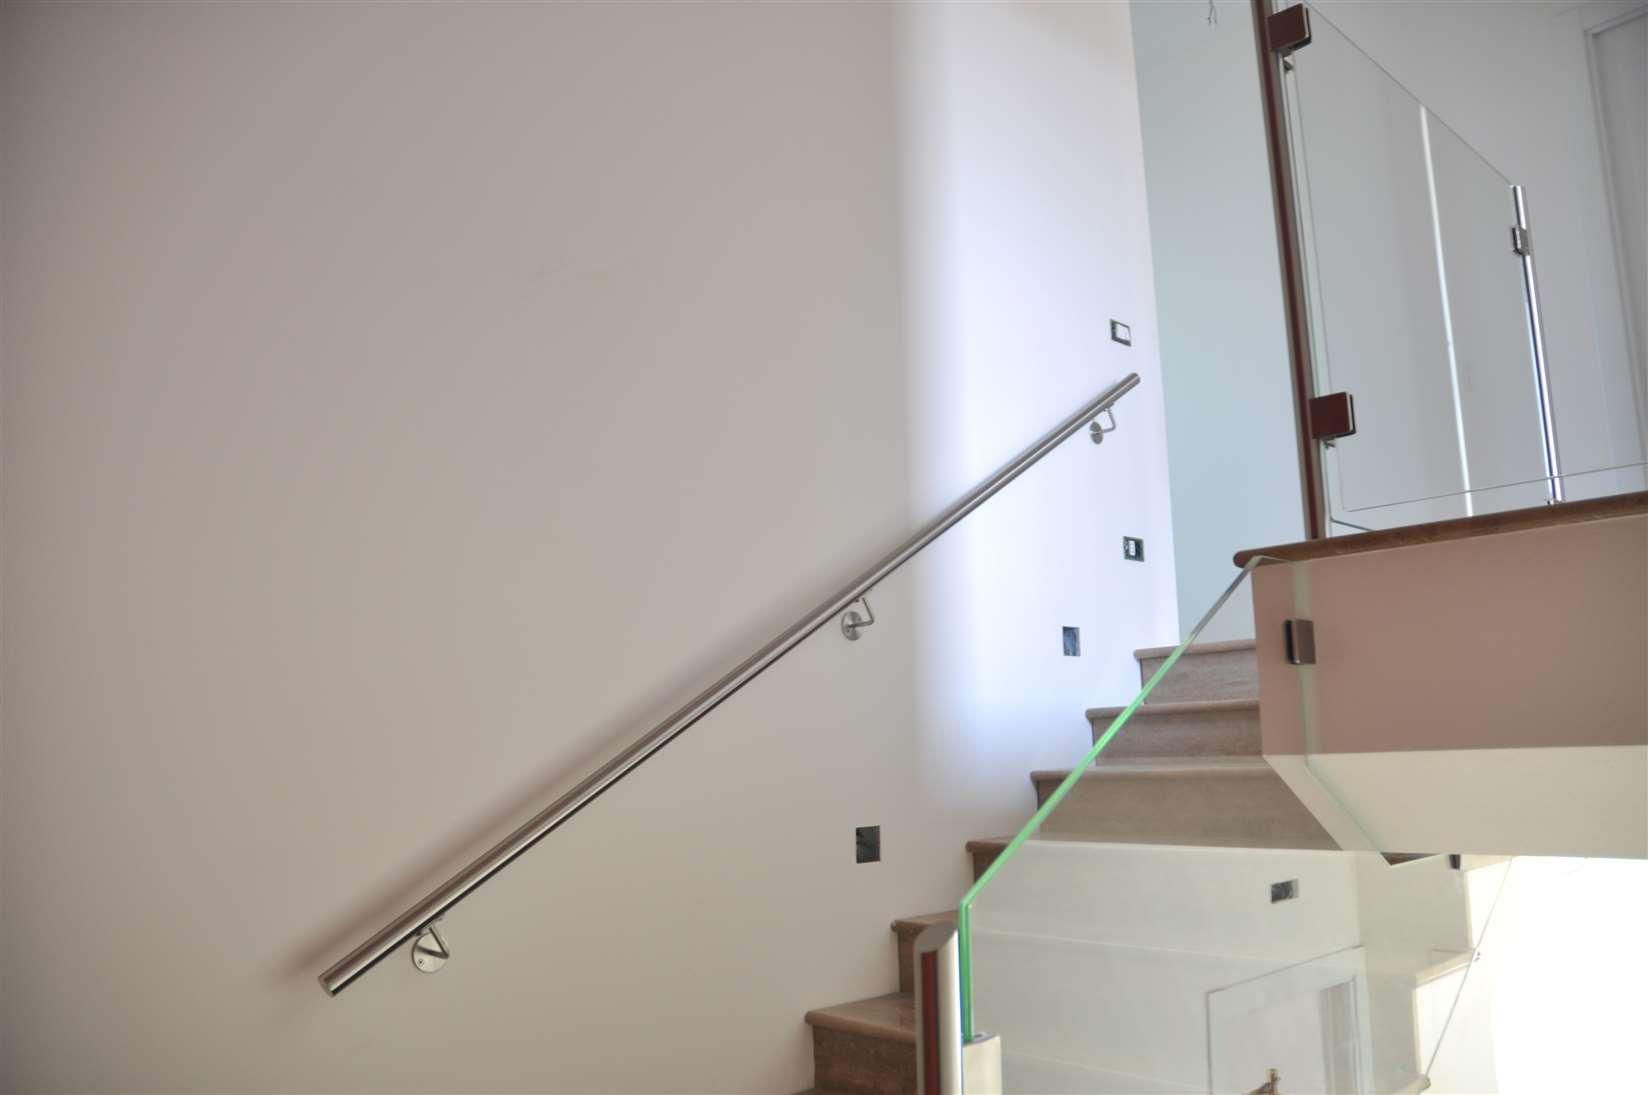 Corrimano per scale interne a muro fj53 regardsdefemmes - Corrimano a muro per scale interne ...